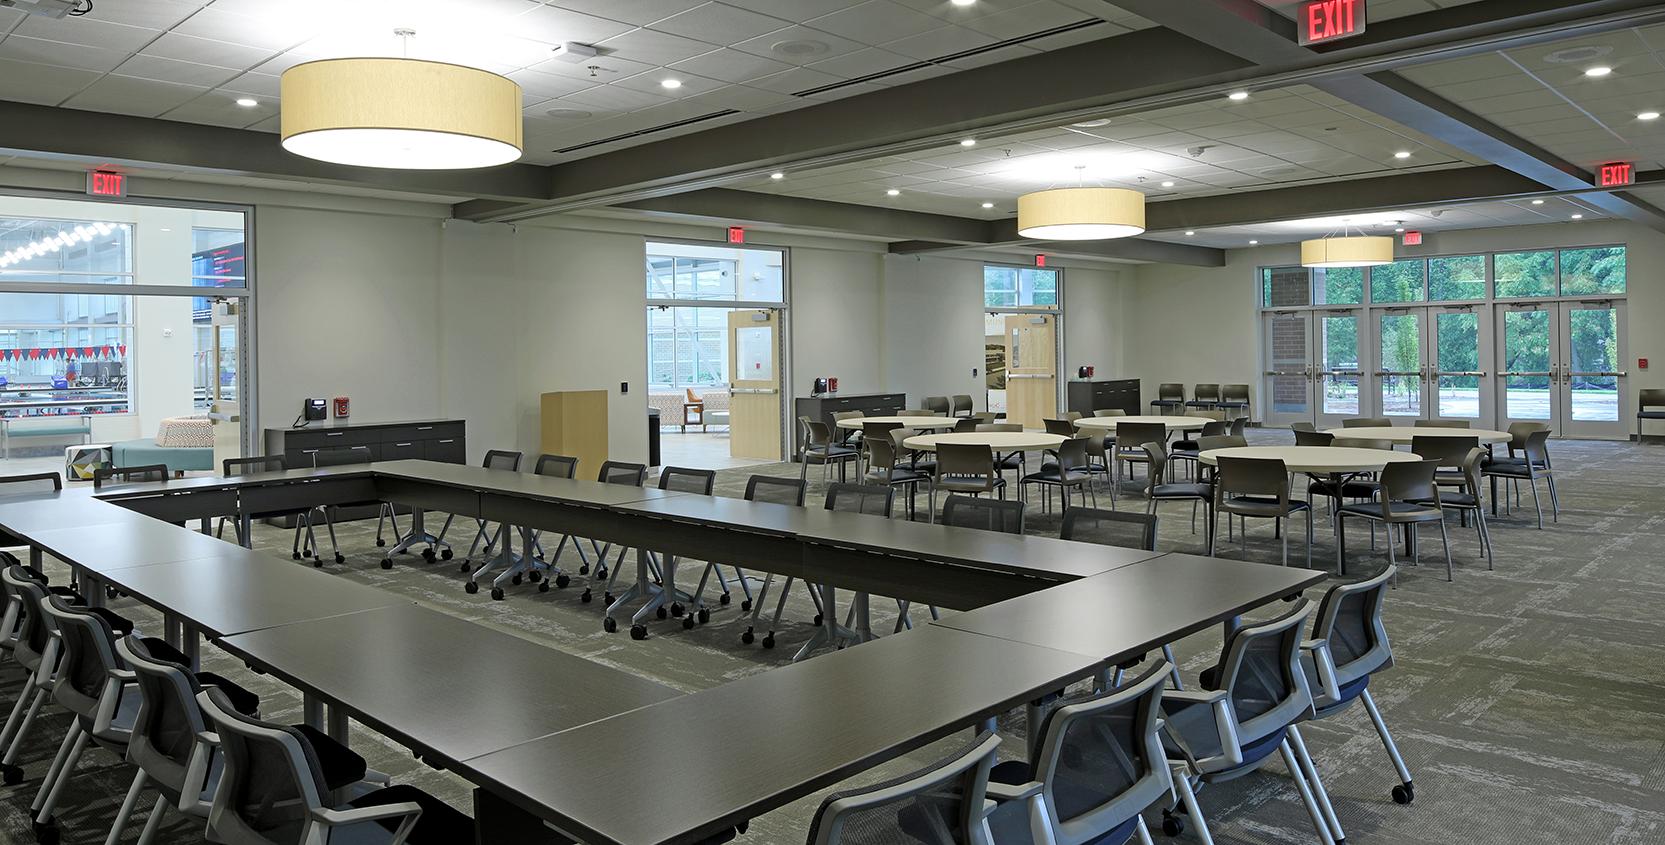 Elkhart_Community_Center-6-1665x845